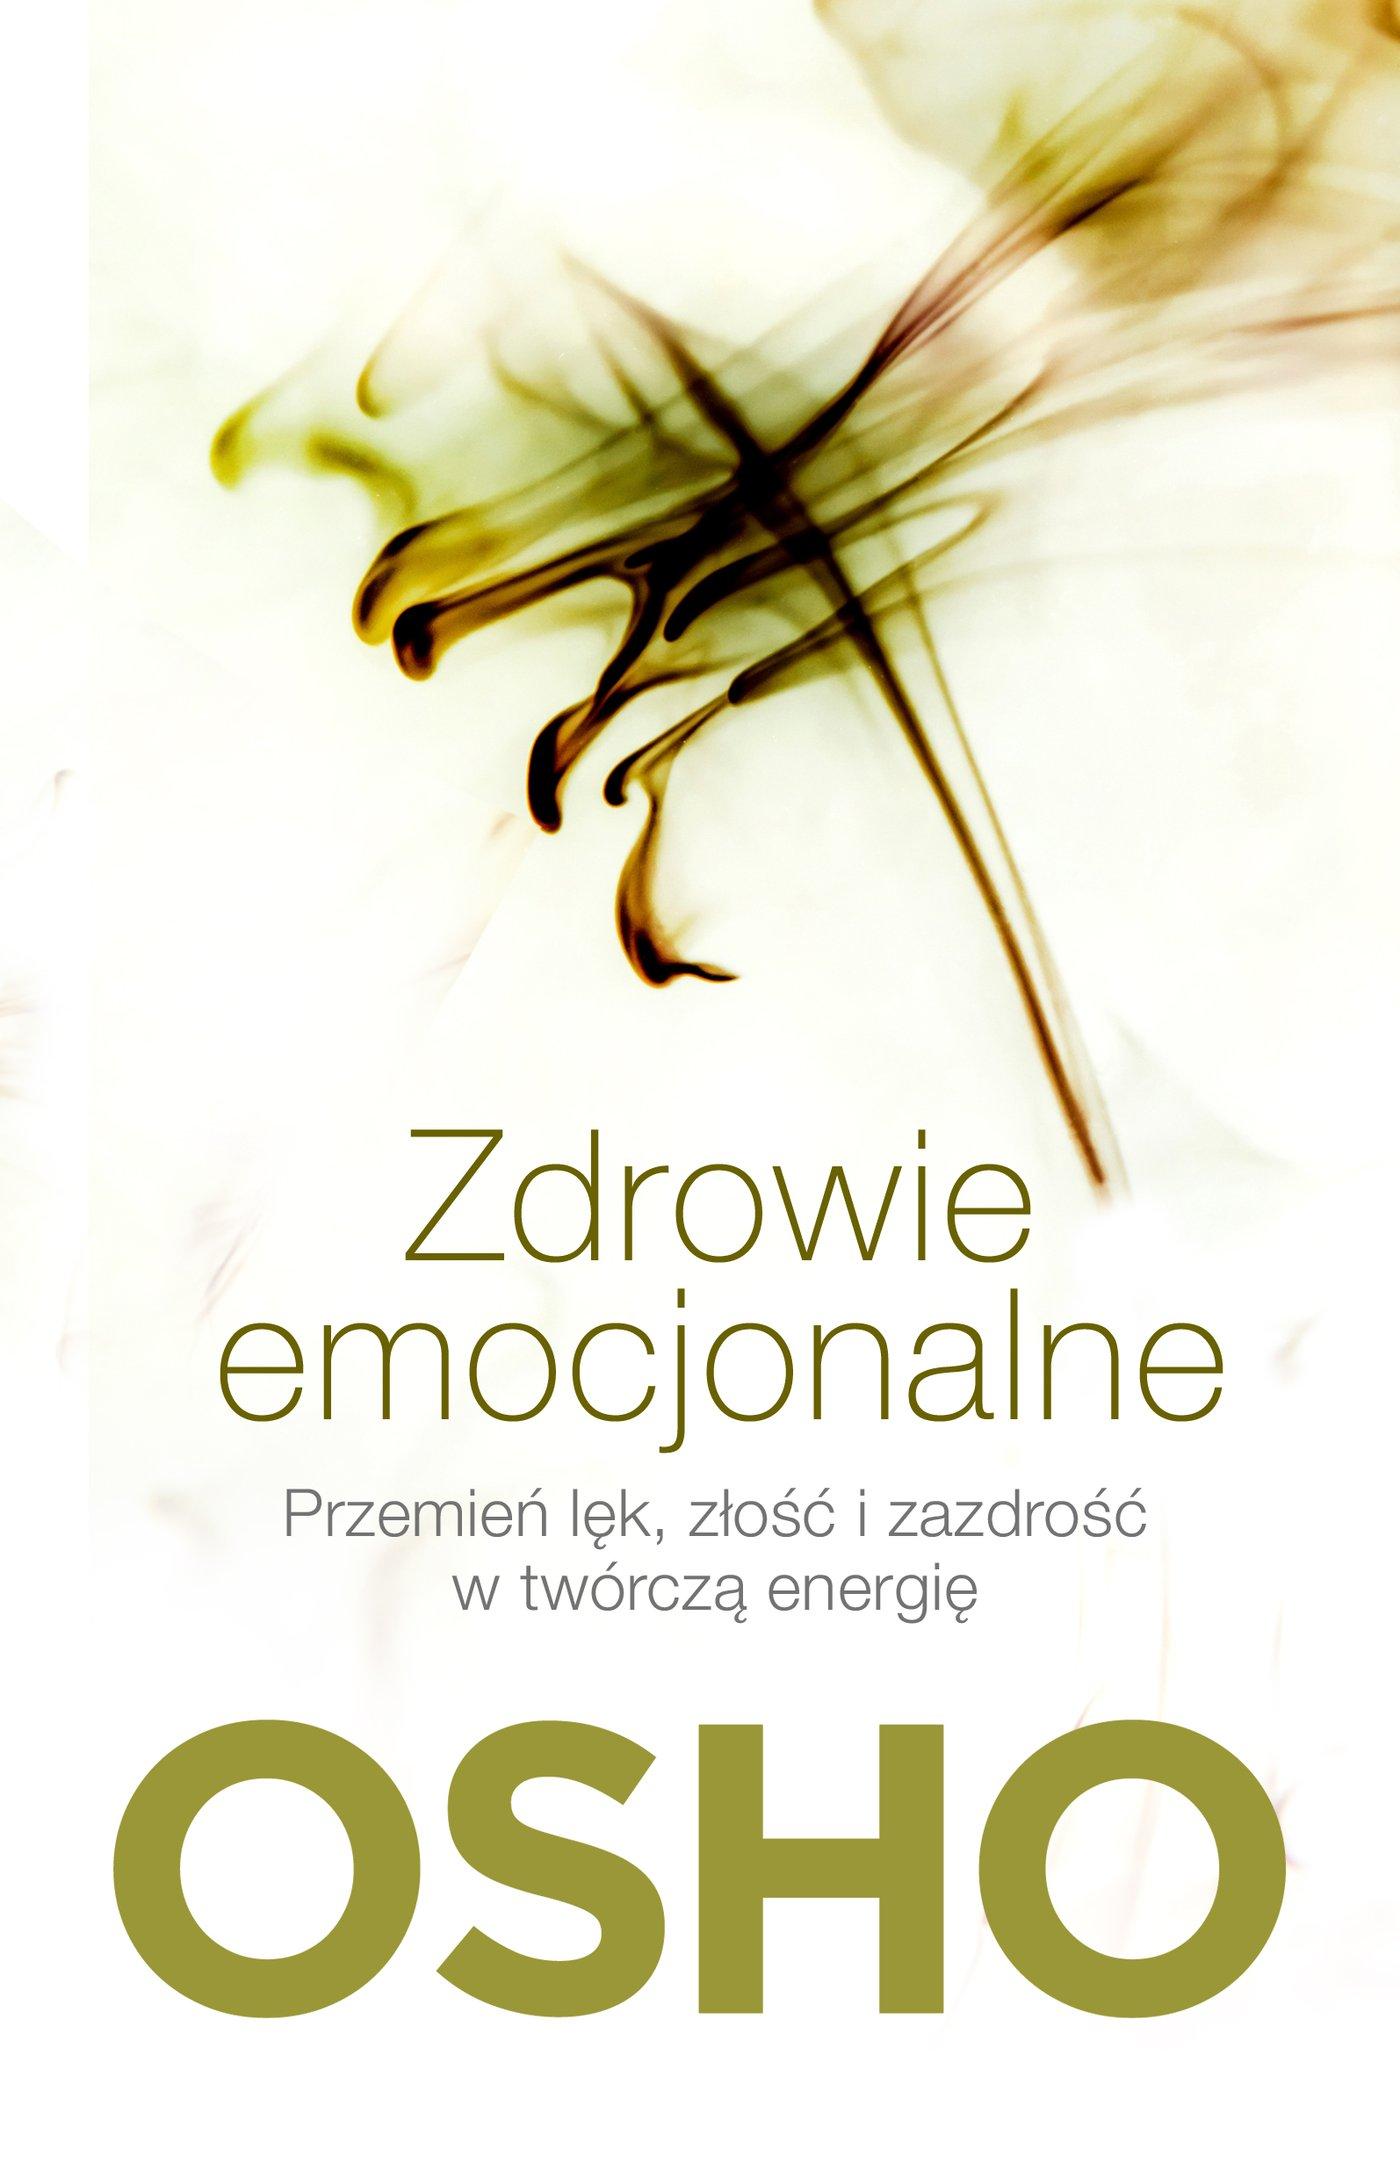 Zdrowie emocjonalne - Ebook (Książka EPUB) do pobrania w formacie EPUB